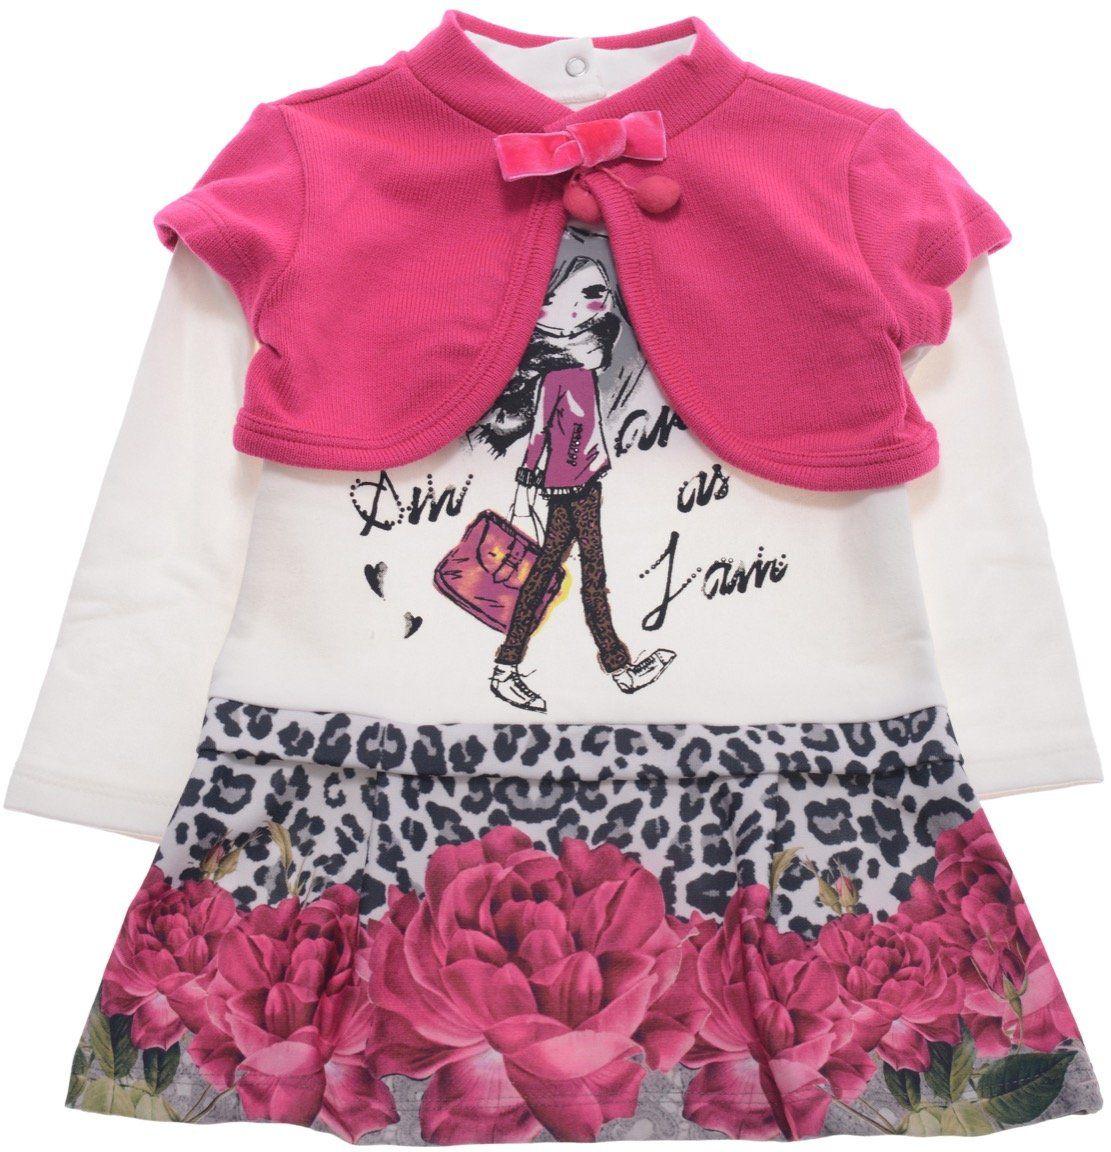 Νέα παραλαβή  σετ φόρεμα   μπολερό Εβίτα 070dde176b8